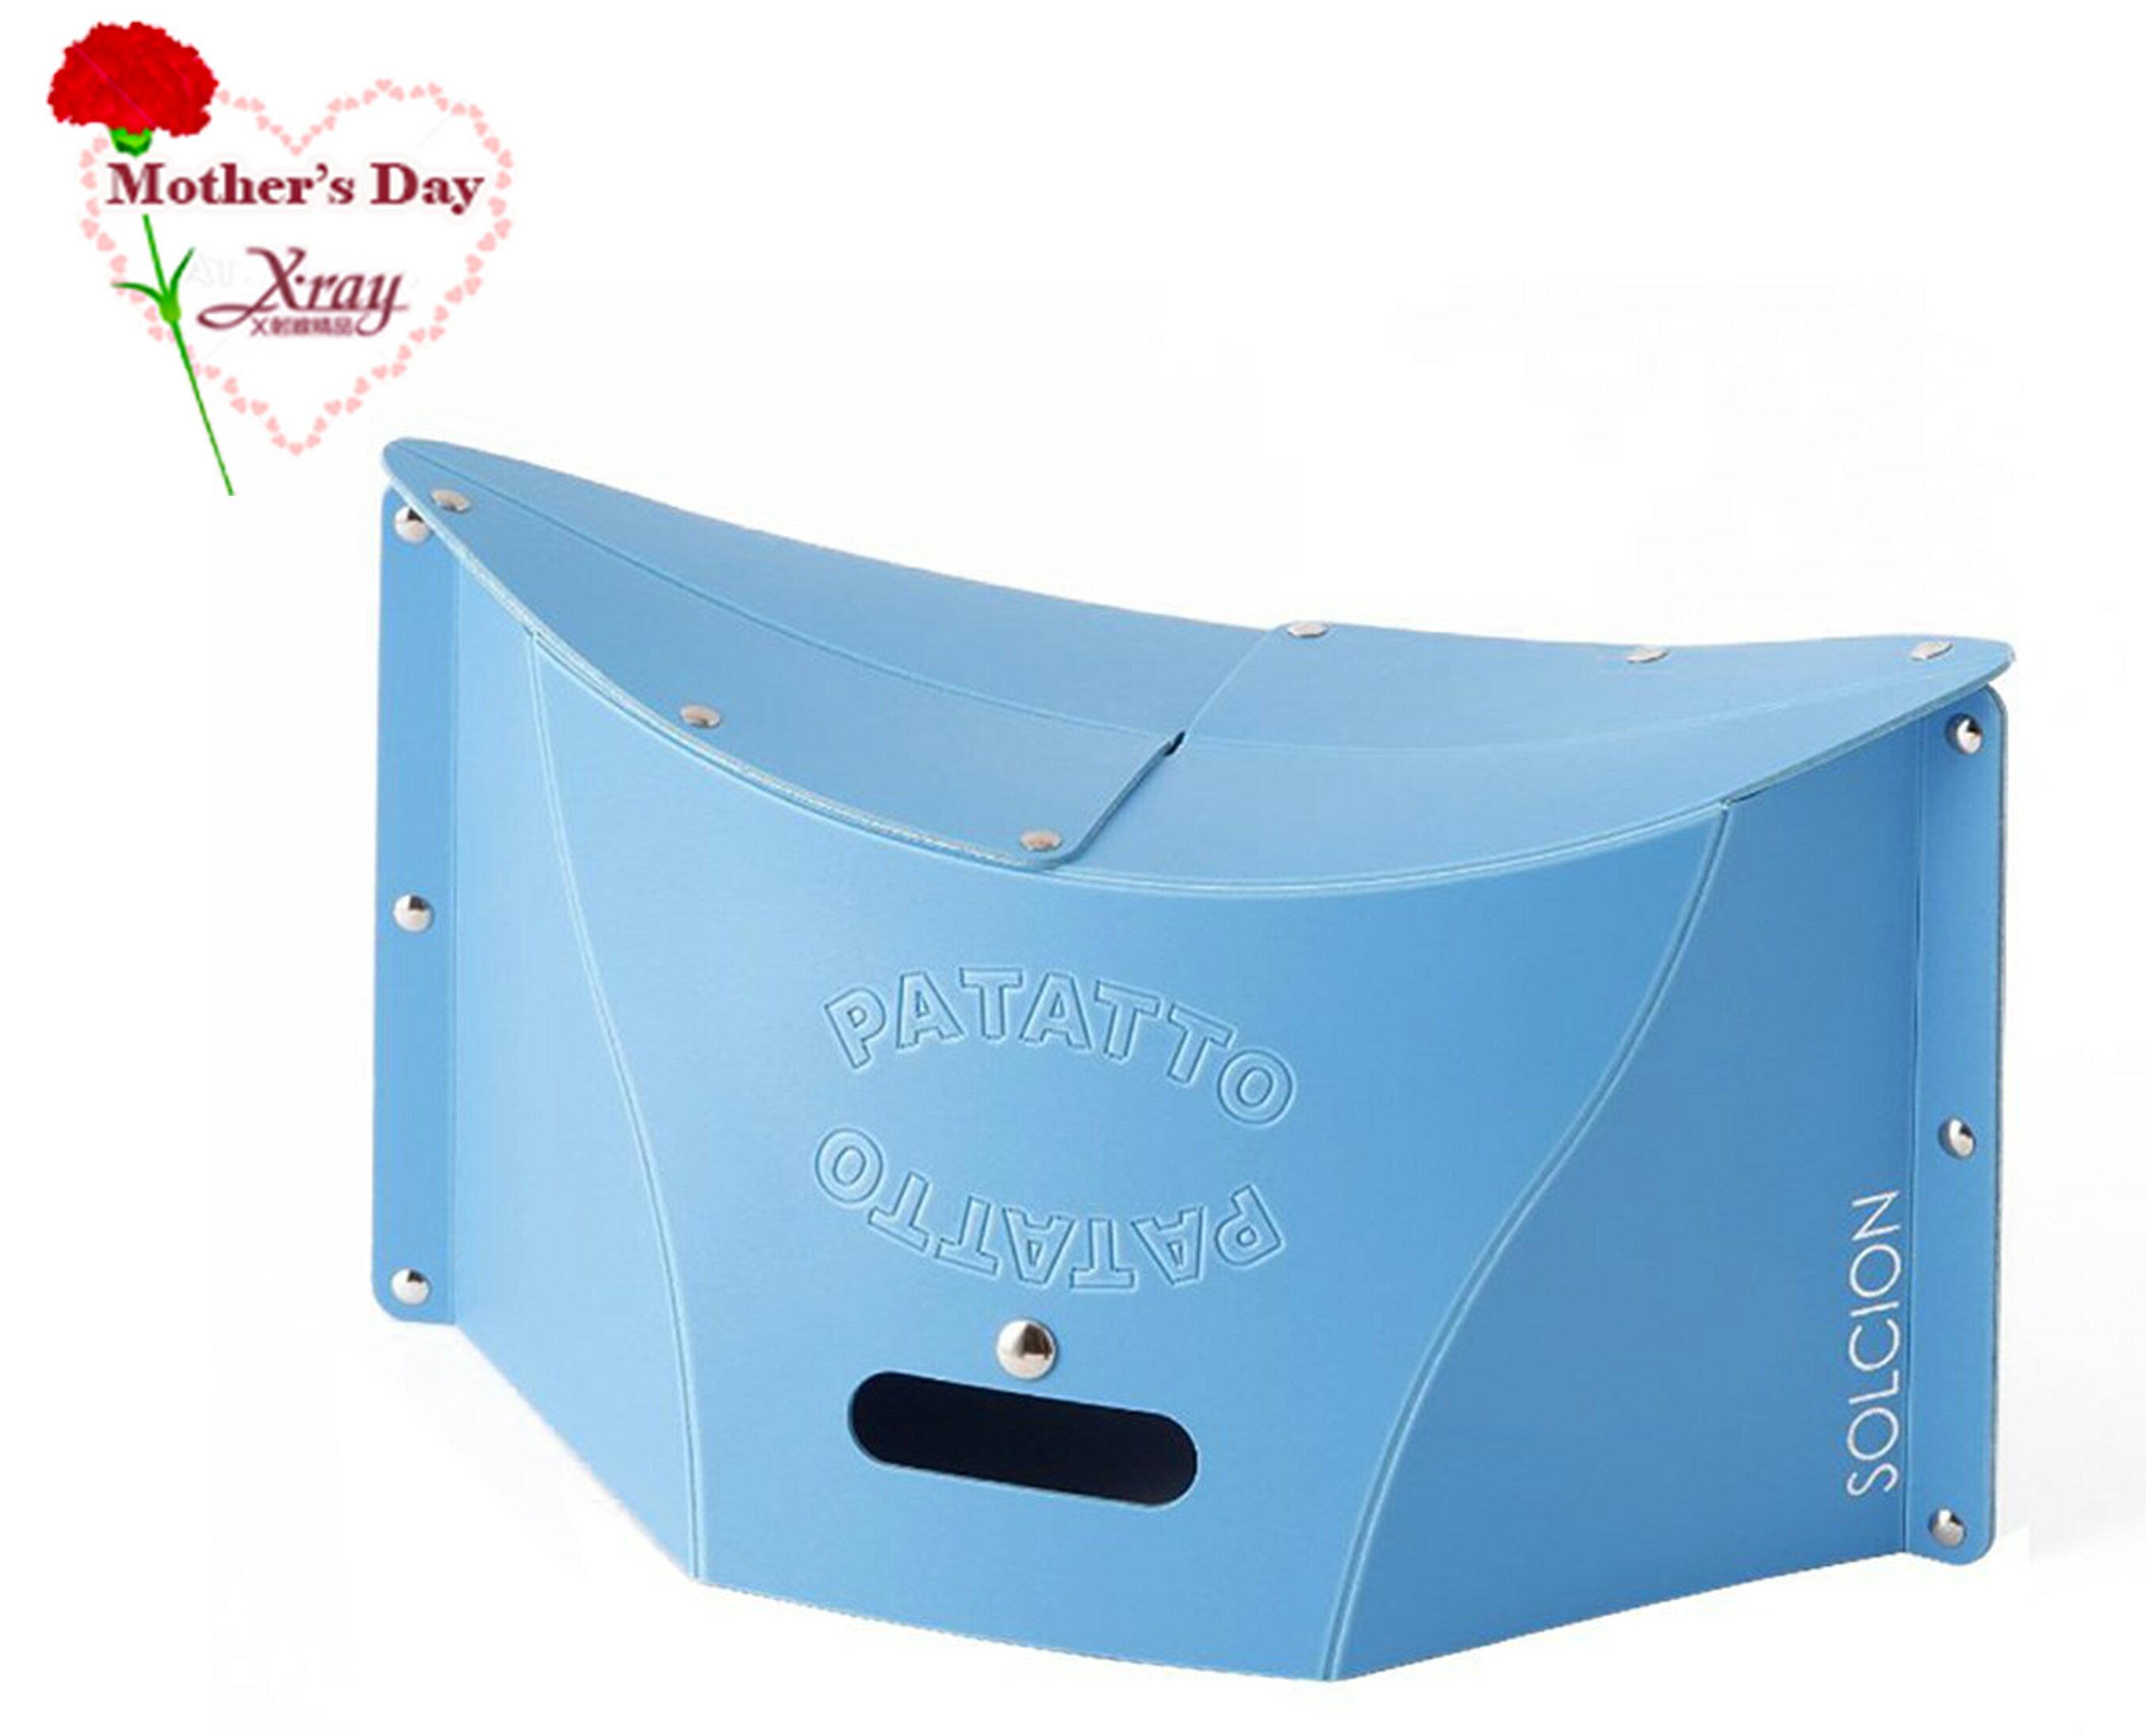 X射線【C640909】PATATTO 超輕量可折疊攜帶式椅子M-藍,母親節/送禮/孝親/露營椅/收納椅/造型椅/折疊椅/凳子/矮凳/板凳/椅子